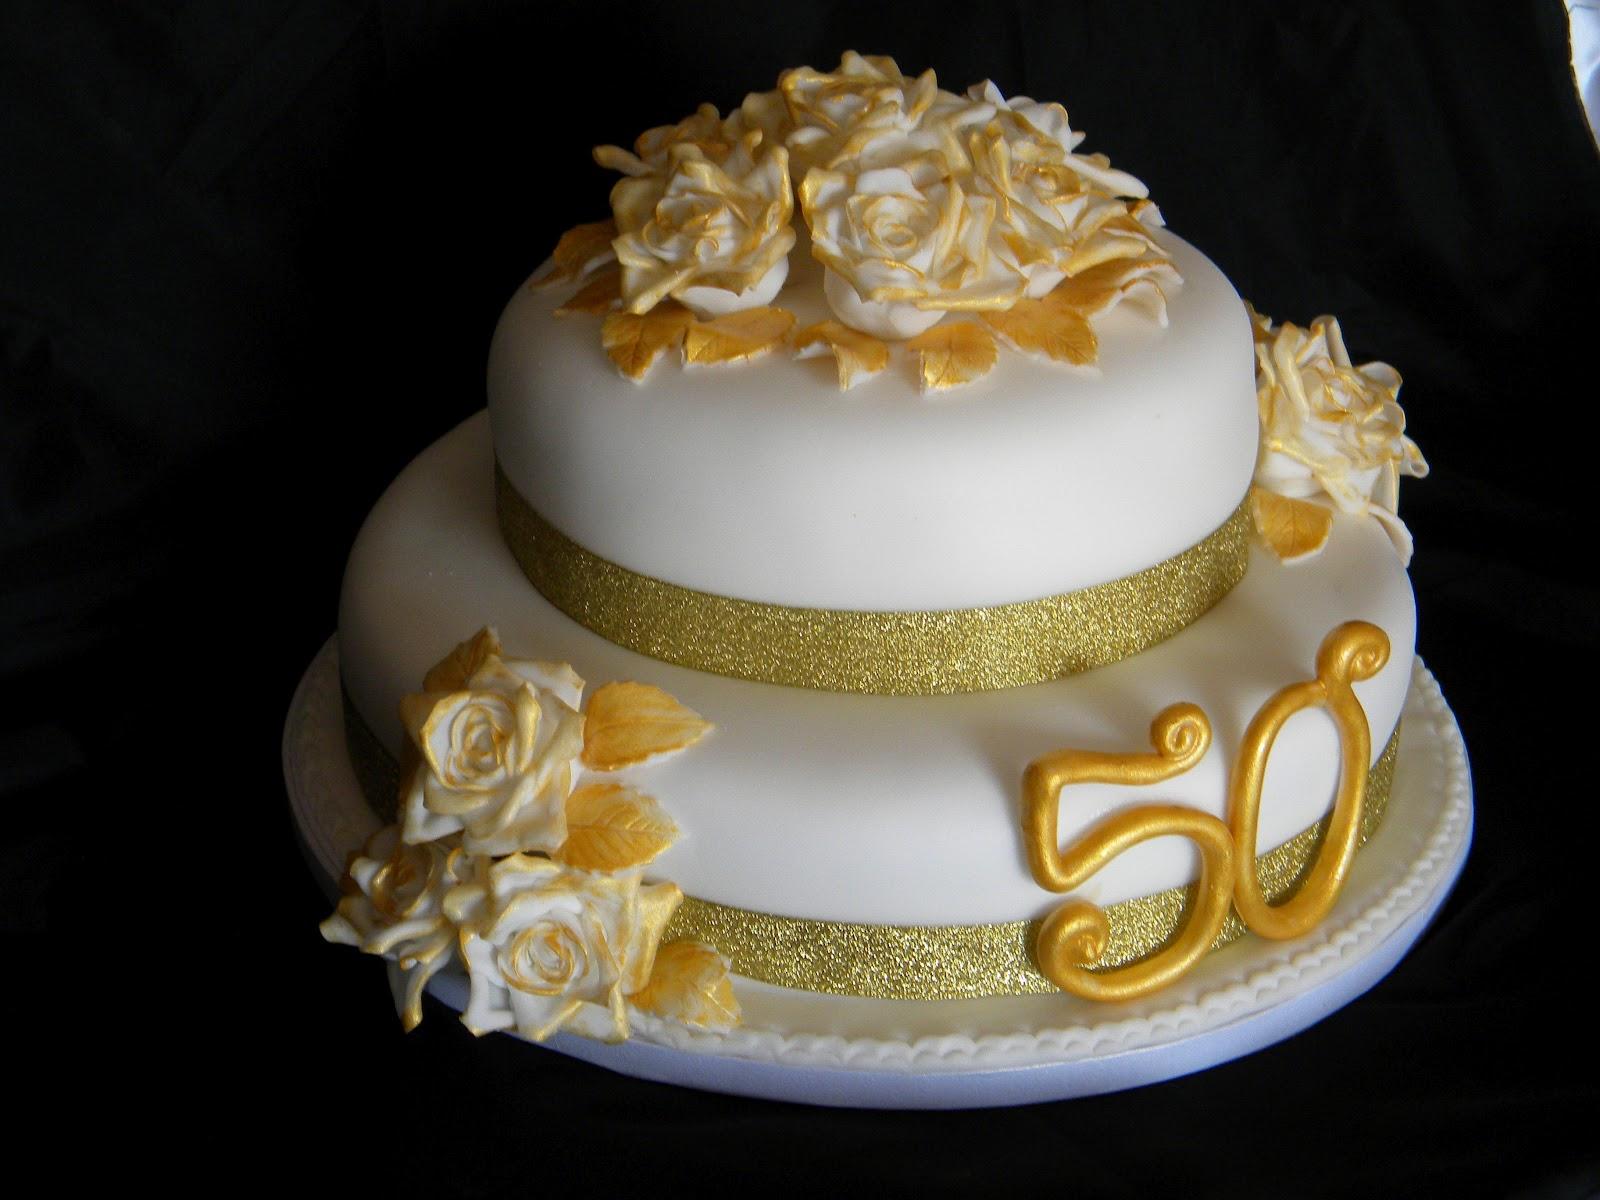 Dolci opere torta 50 anni matrimonio for Decorazione torte per 50 anni di matrimonio